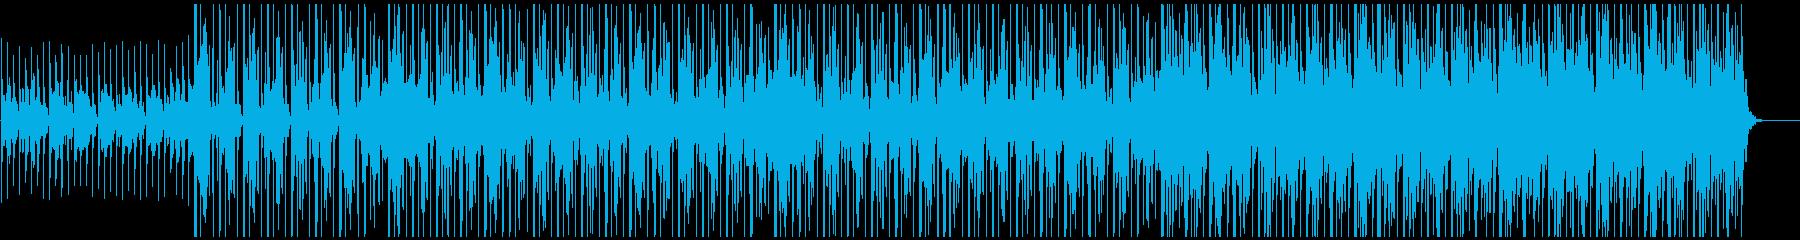 【ニュース系2】シンセ、無機質、坦々aの再生済みの波形